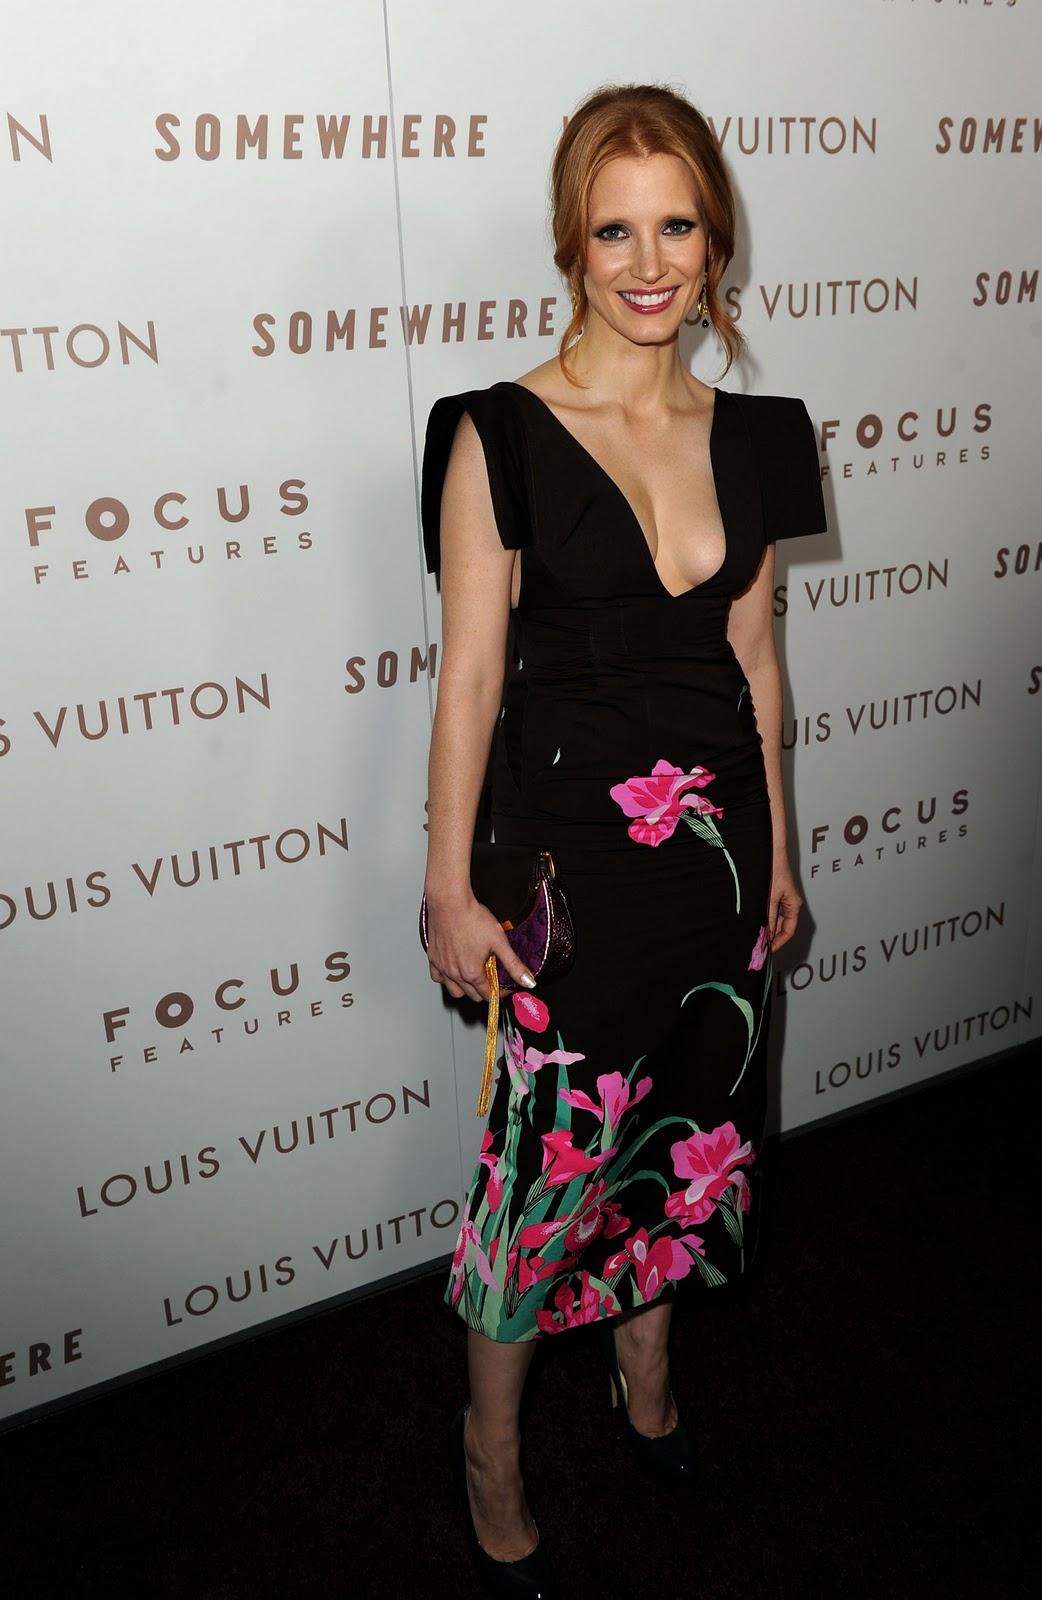 http://1.bp.blogspot.com/-RY_0Eq02GSY/TyEEQ0KgTPI/AAAAAAAAAik/DlQT2zoIwec/s1600/Jessica_Chastain+6.jpg